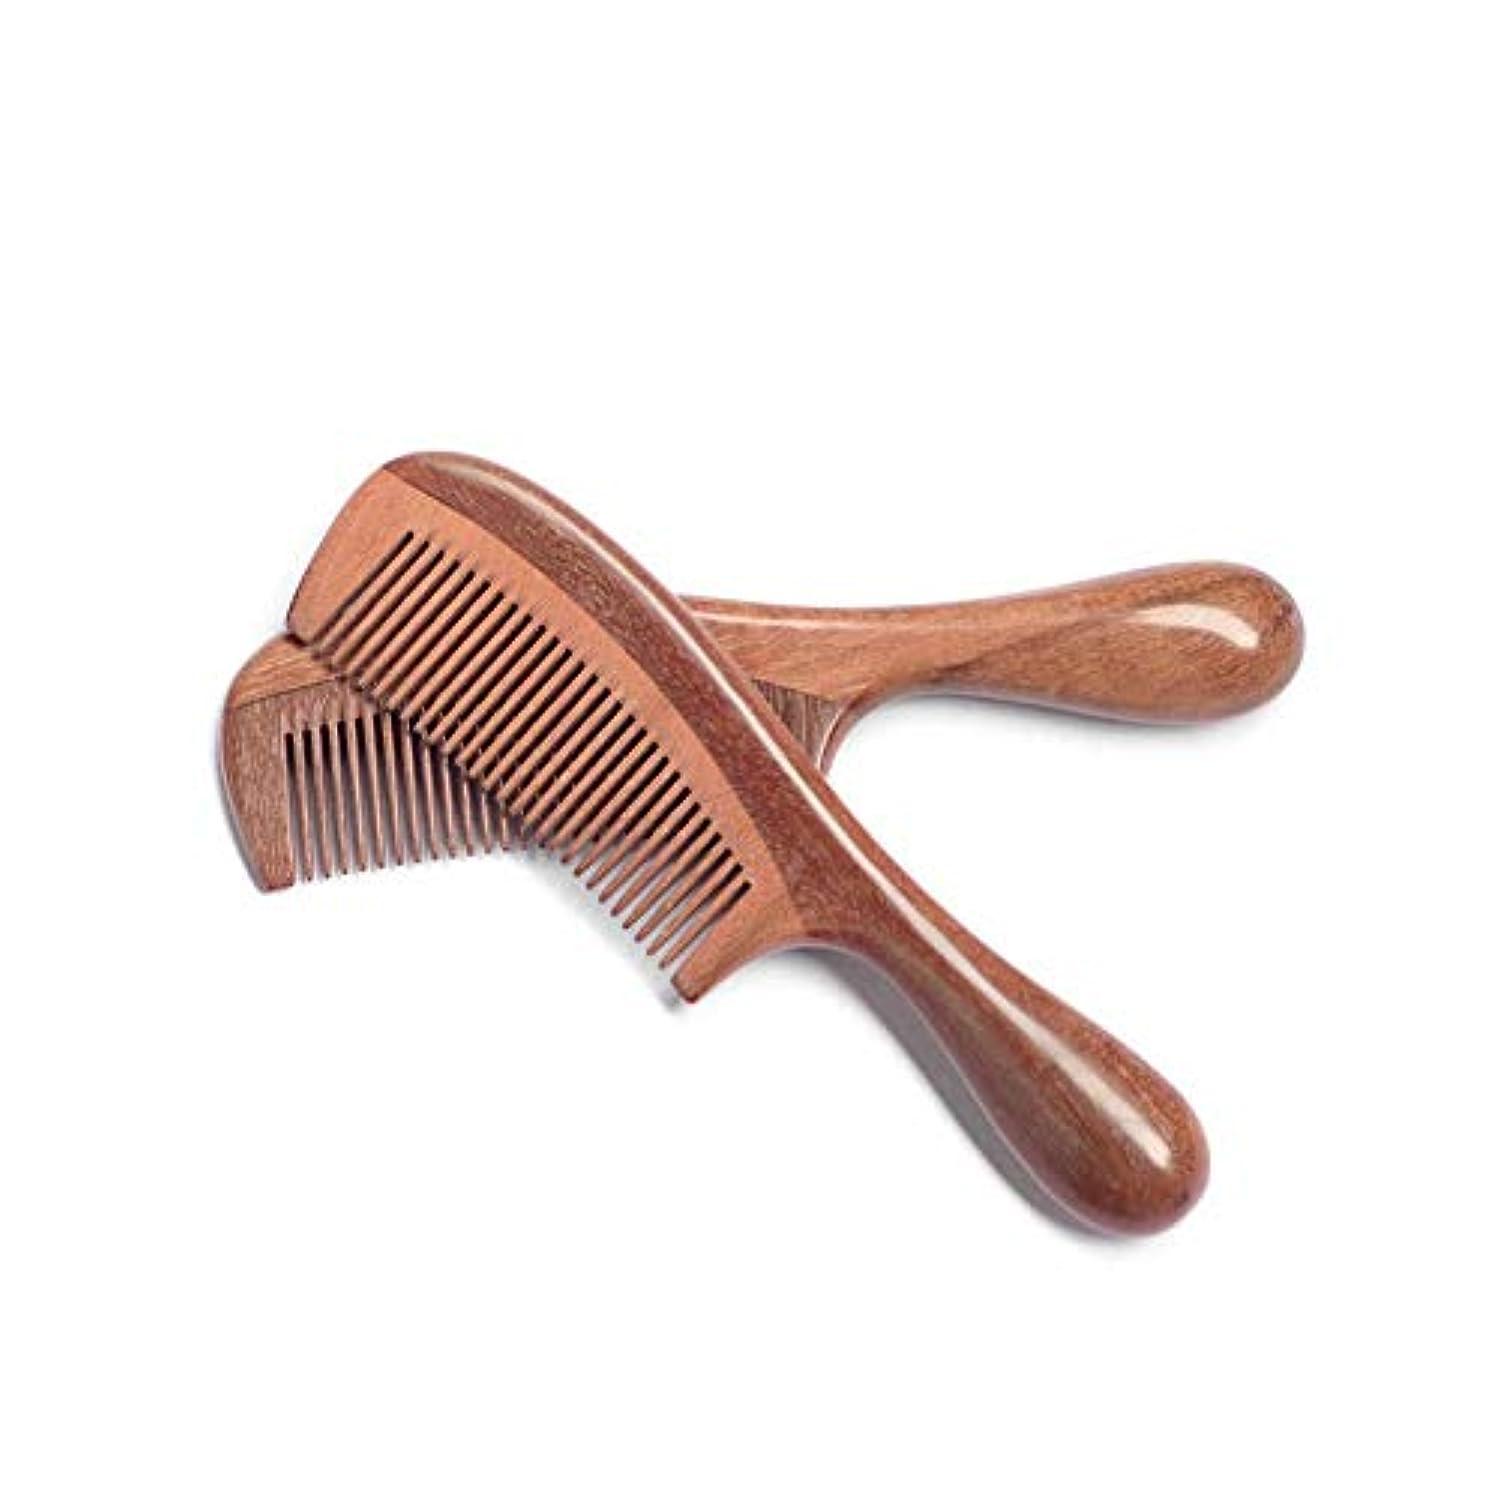 必須略す一見Fashian紫檀くしなめらかなロングハンドルマッサージストレート髪のくし ヘアケア